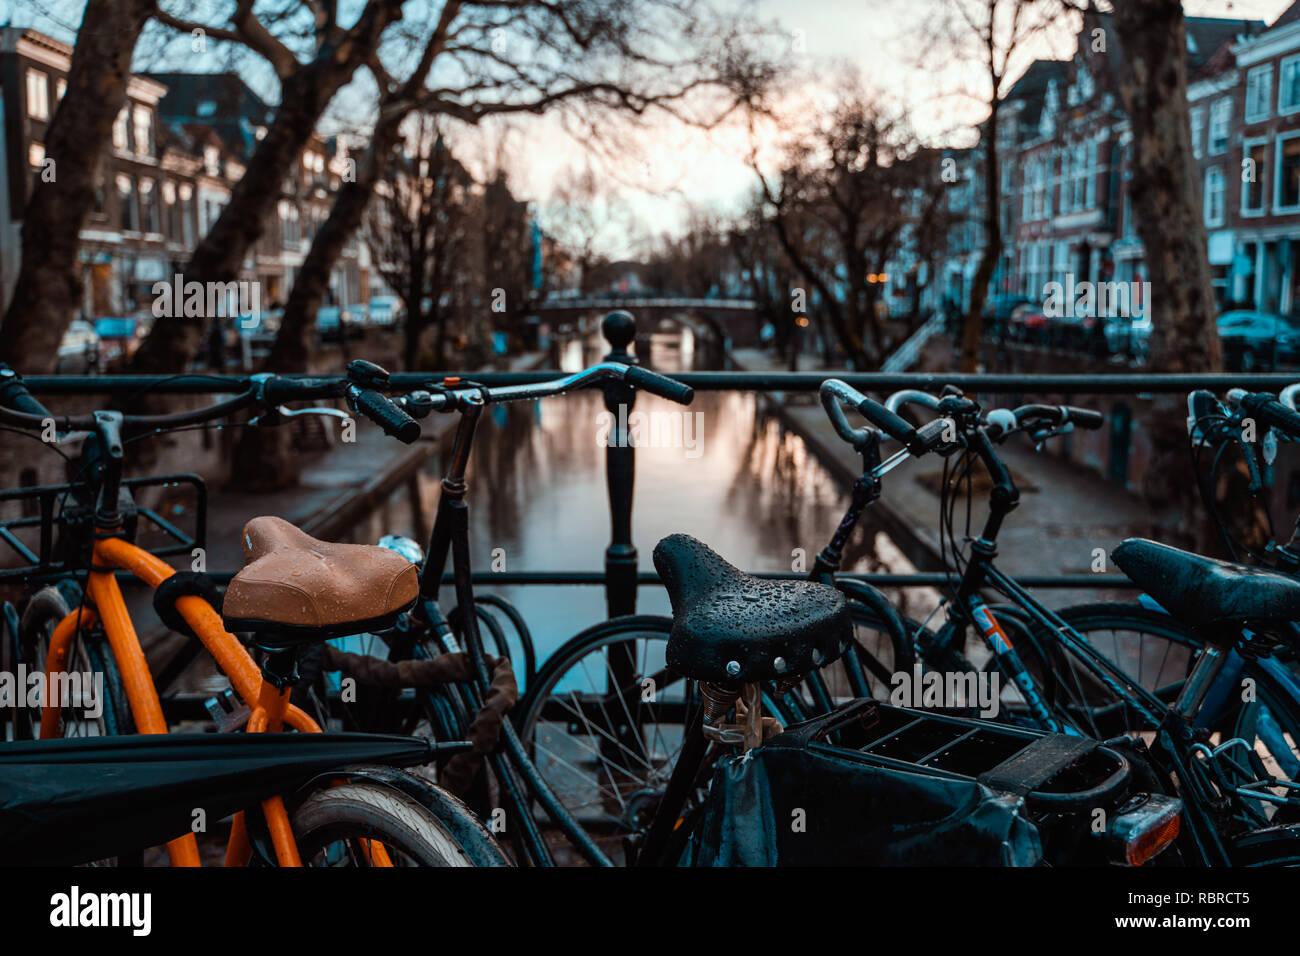 Des vélos sur un pont à Amsterdam, Pays-Bas par temps couvert humide transport destination vacances Banque D'Images